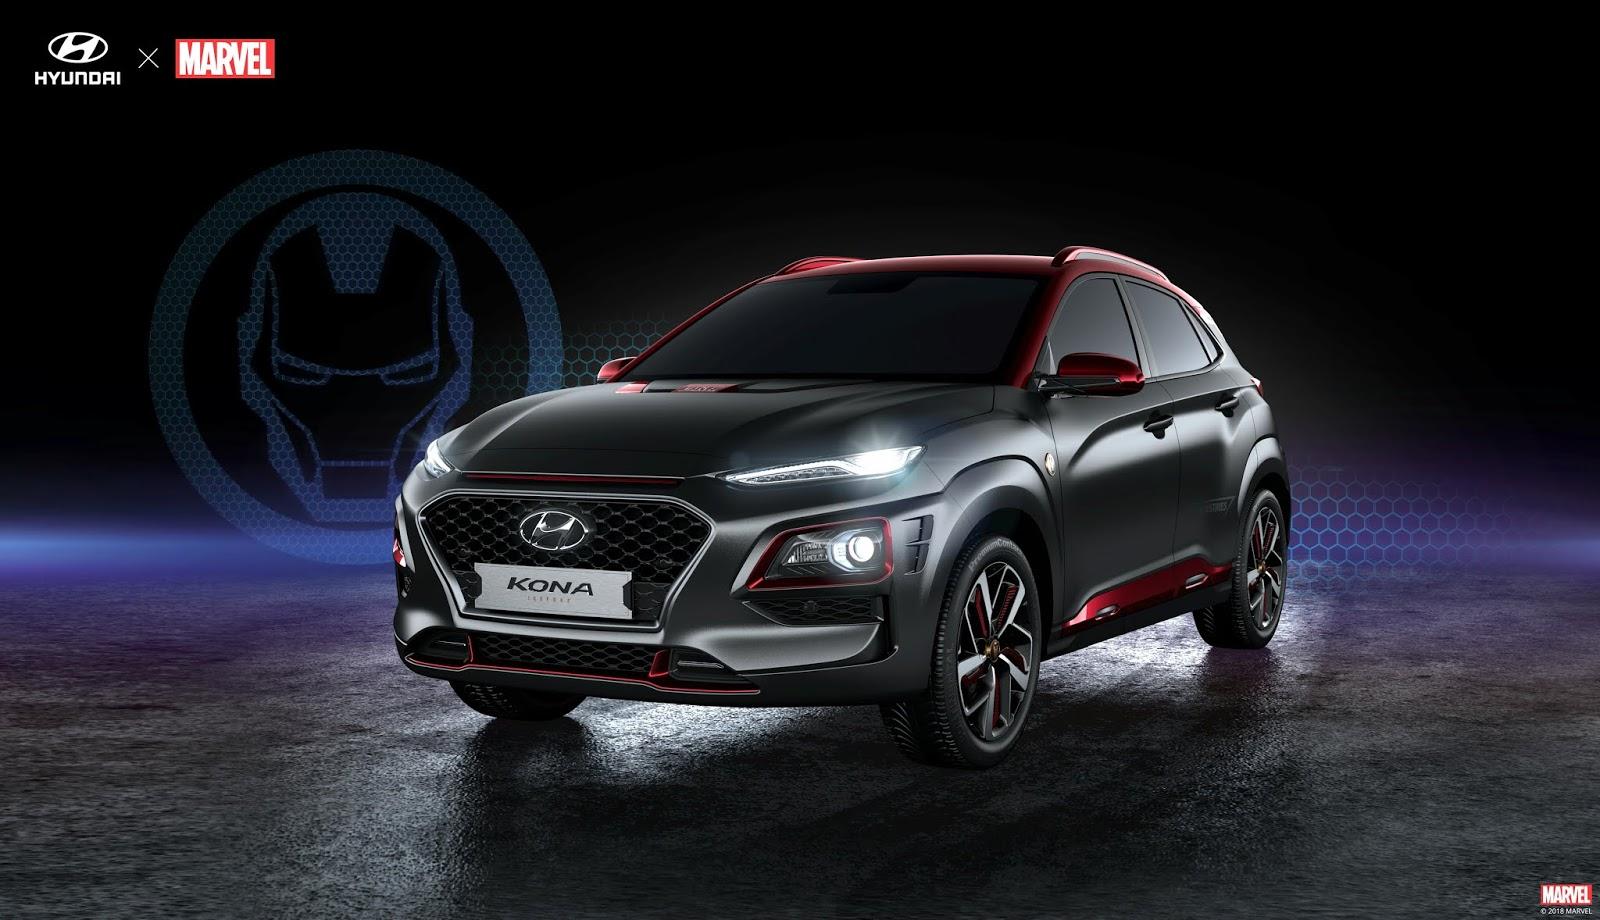 Hyundai2BKona Τώρα, μπορείς να πάρεις το Hyundai Kona του... Iron Man Hyundai, Hyundai Kona